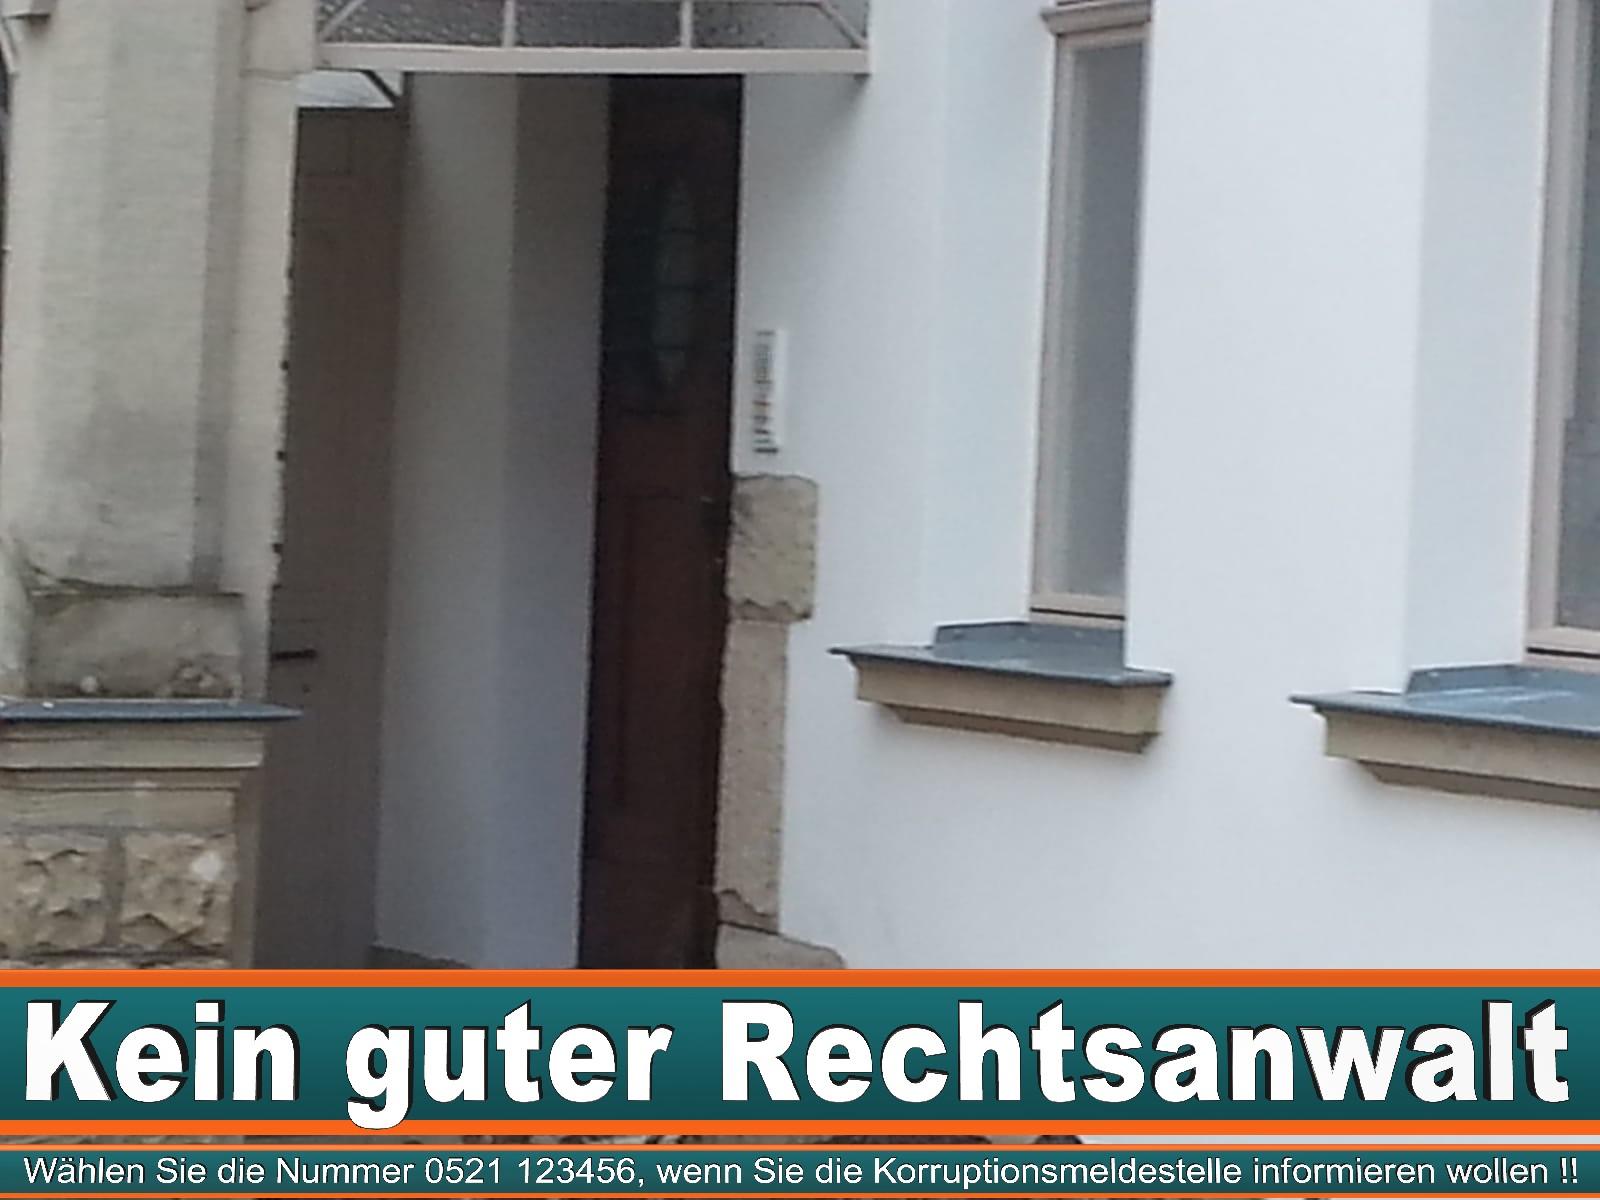 Rechtsanwaltskanzlei Stephan Claus Marienstrasse 2 Neustadt Rechtsanwalt Stephan Claus 0 (2)